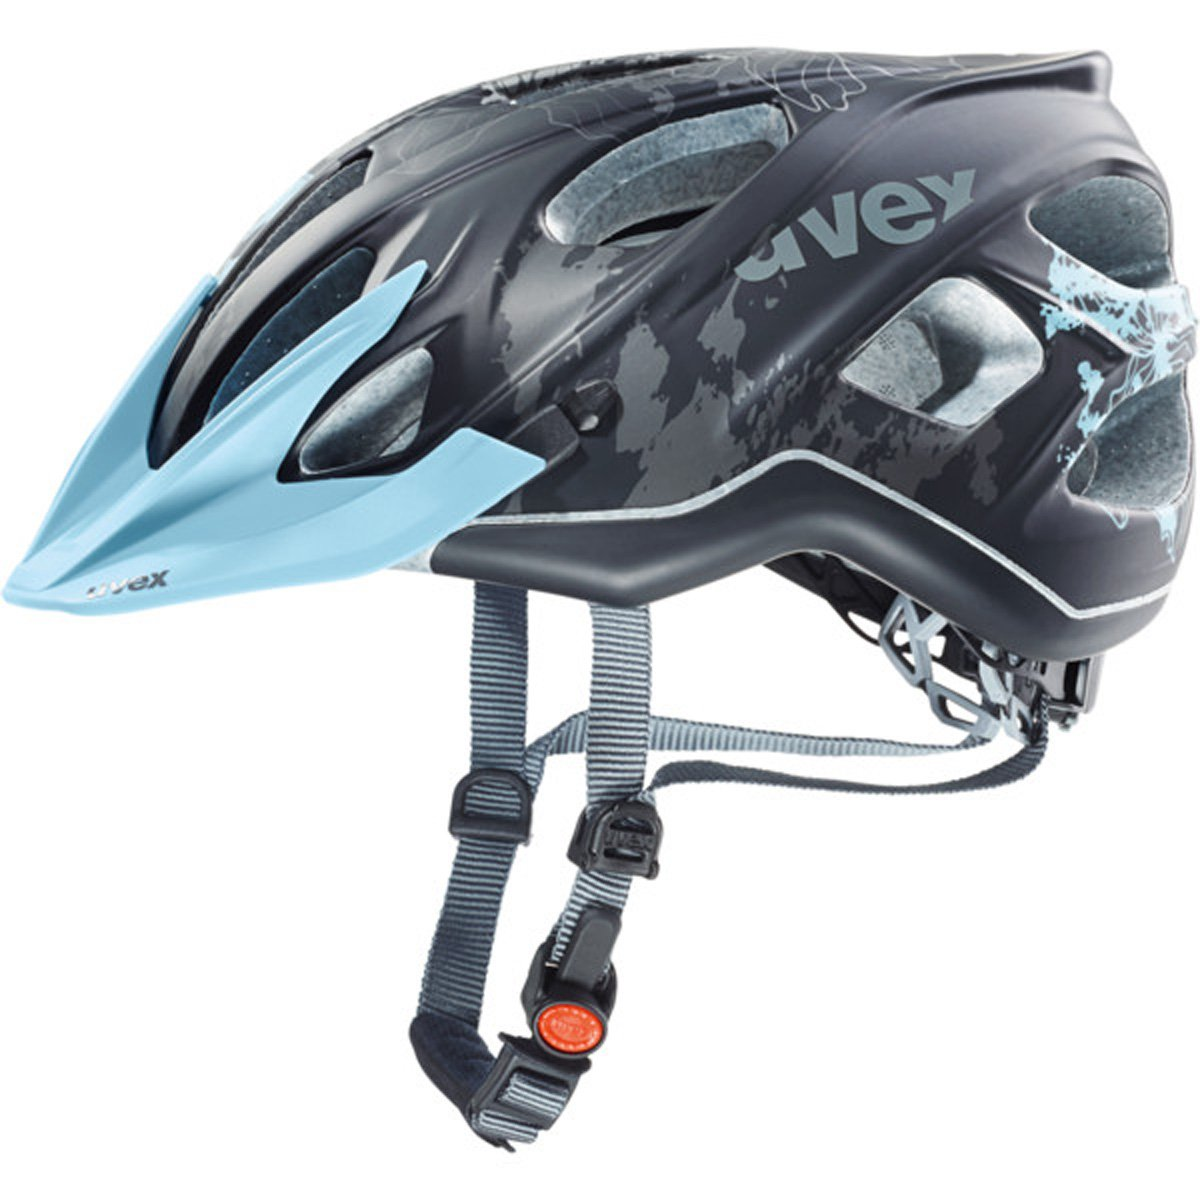 Uvex 2017レディースStiva CC自転車用ヘルメット - 41079(ブラックフラワー - ブルーマット - 52-57 cm)   B01DZHGN0U